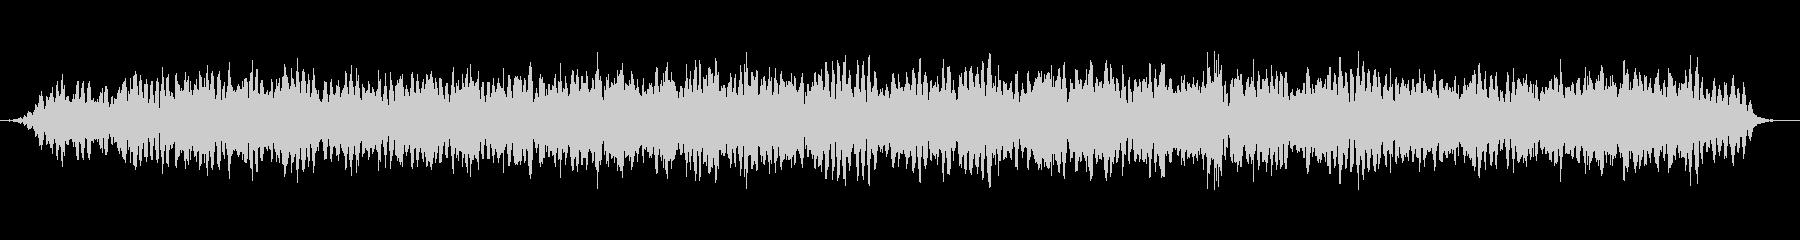 【生演奏】ざわざわしたストリングス/E線の未再生の波形